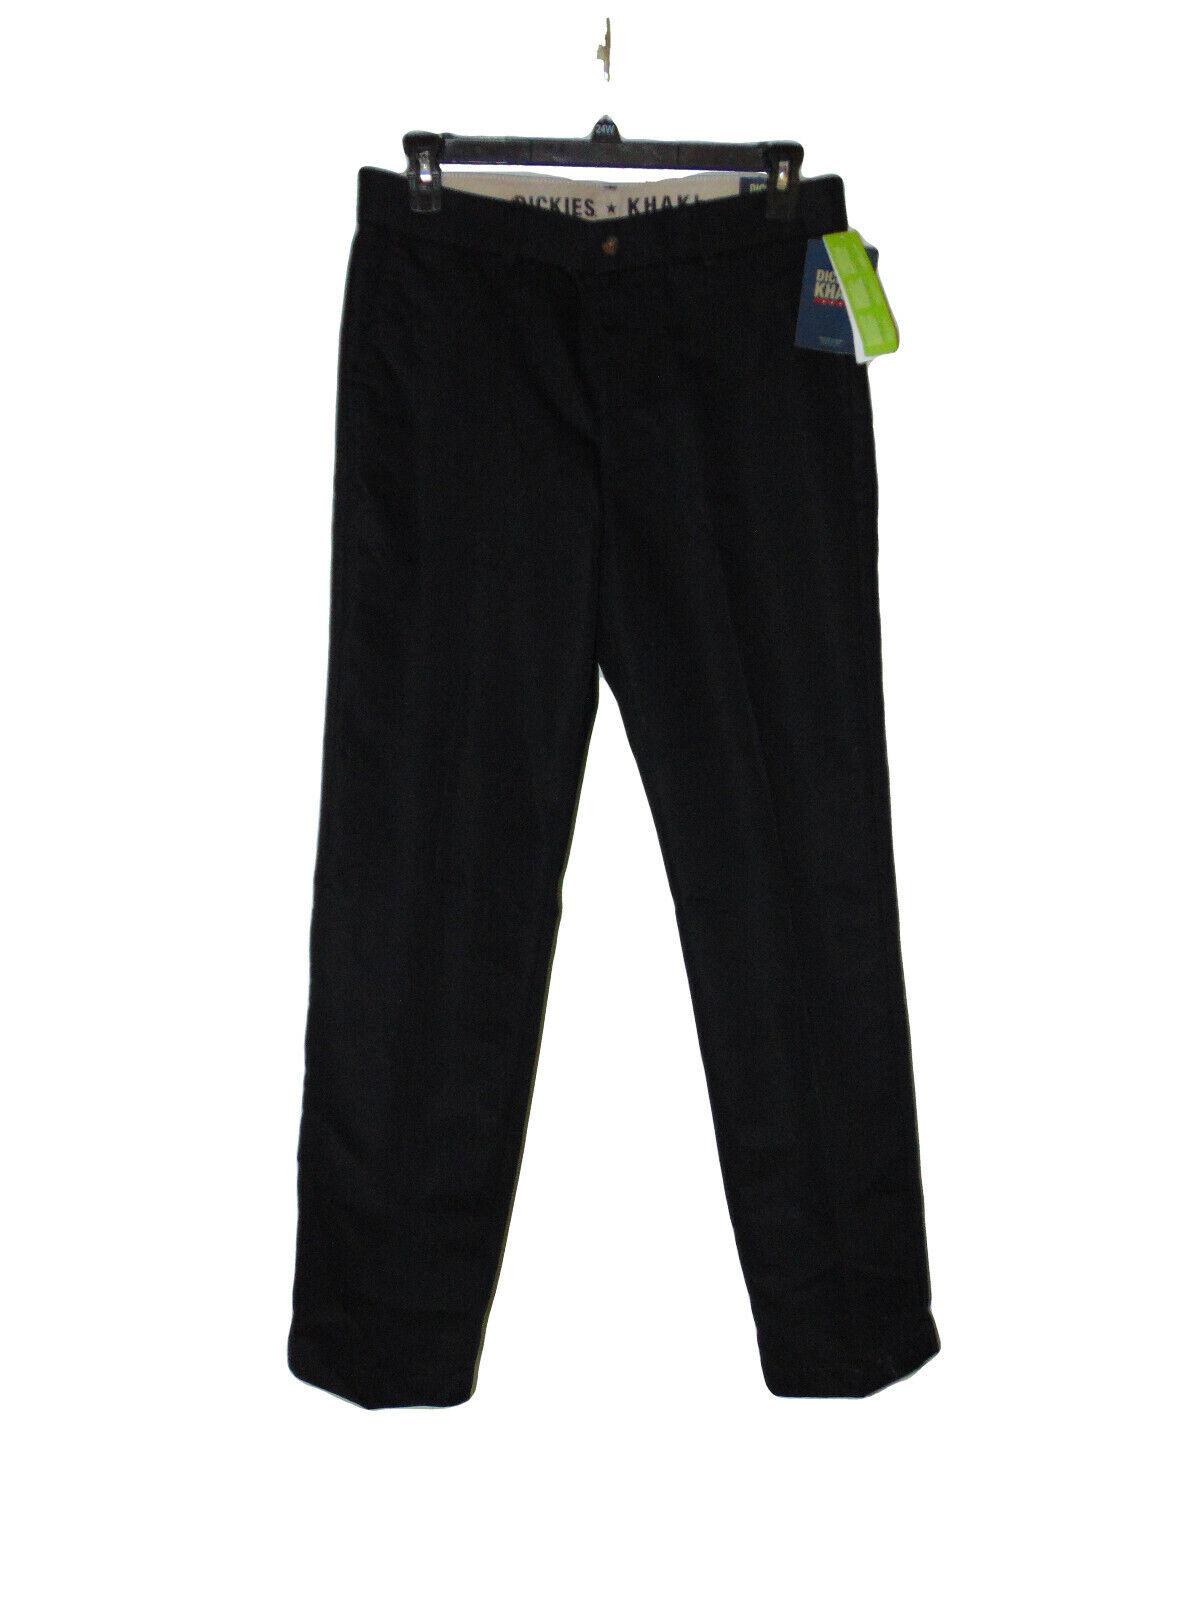 Work Pants 34 X 32 Dickies Black Khaki  Regular Fit Tapered